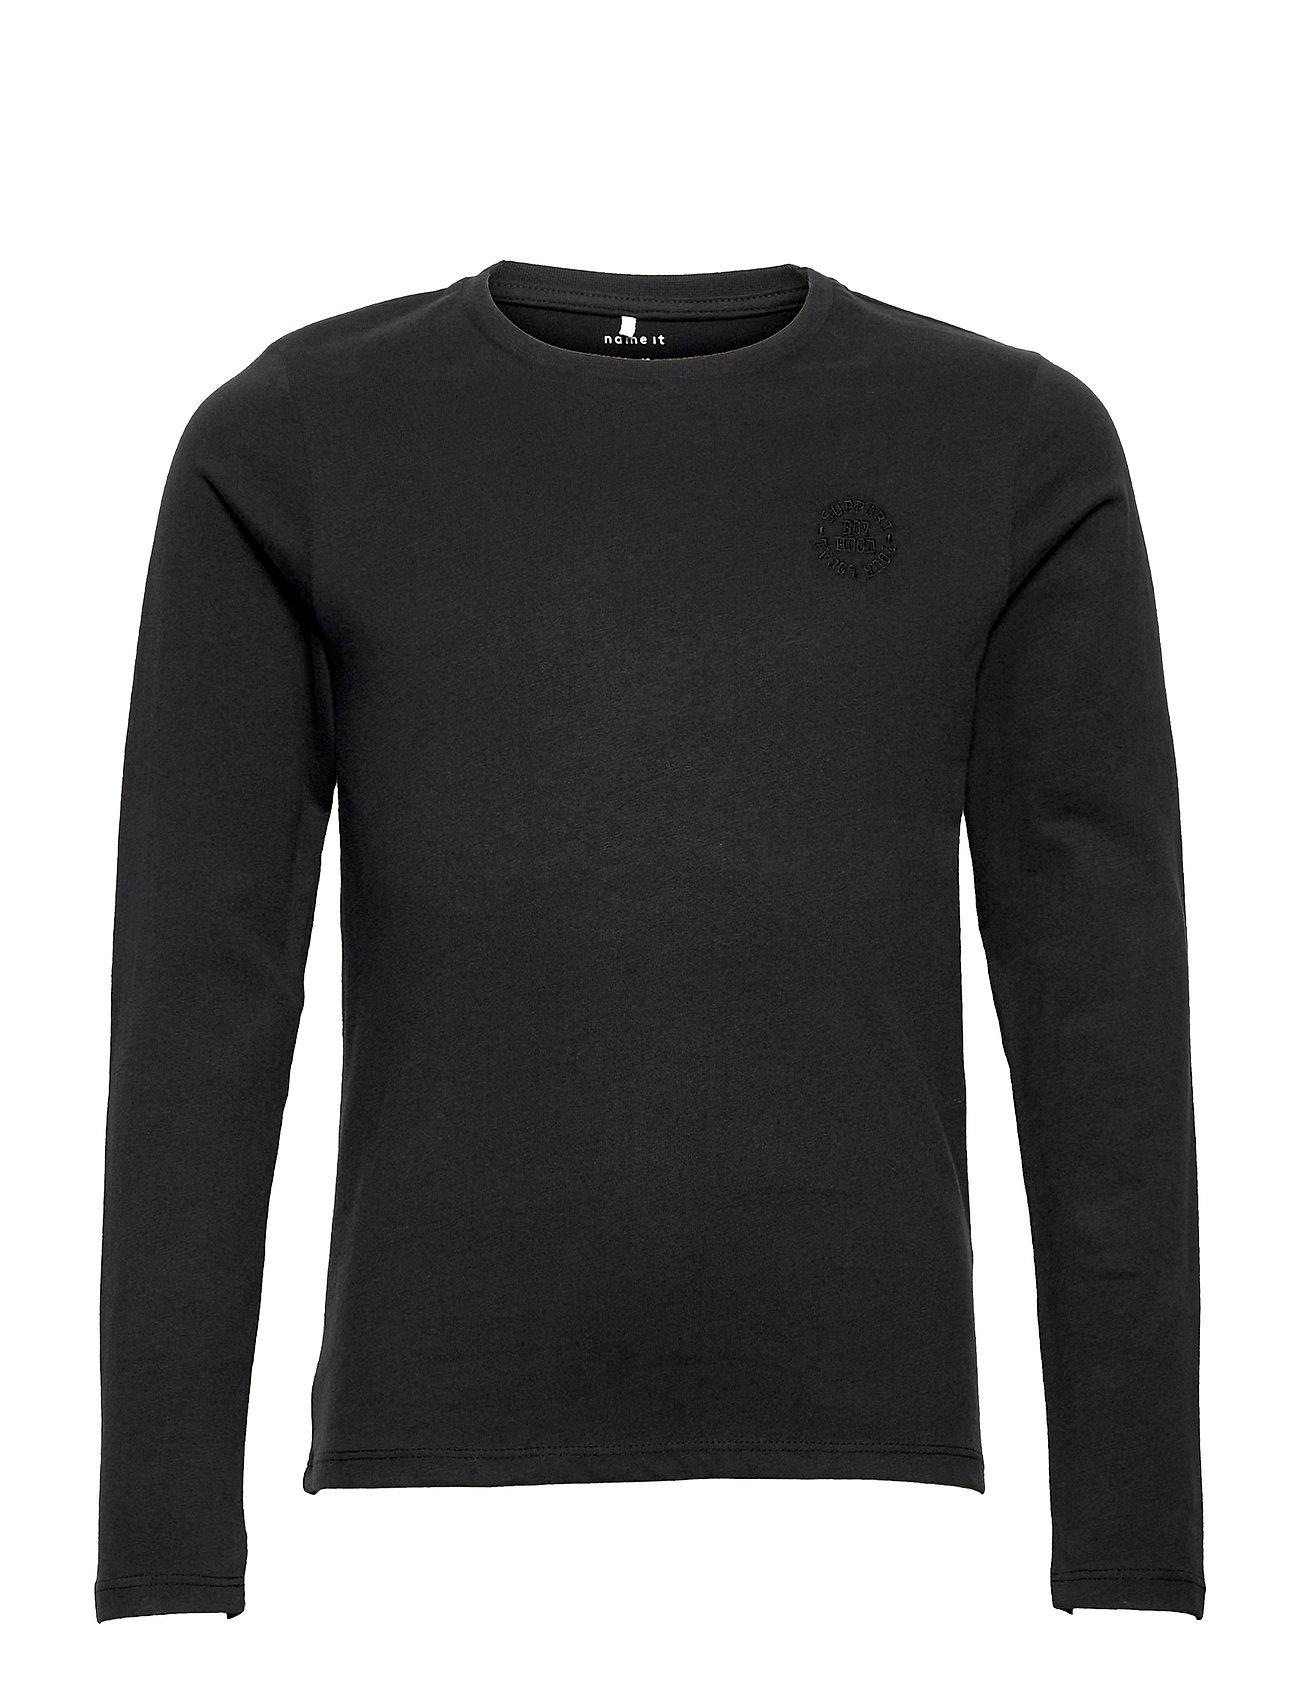 Nkmtano Ls Top Langærmet T-shirt Sort Name It